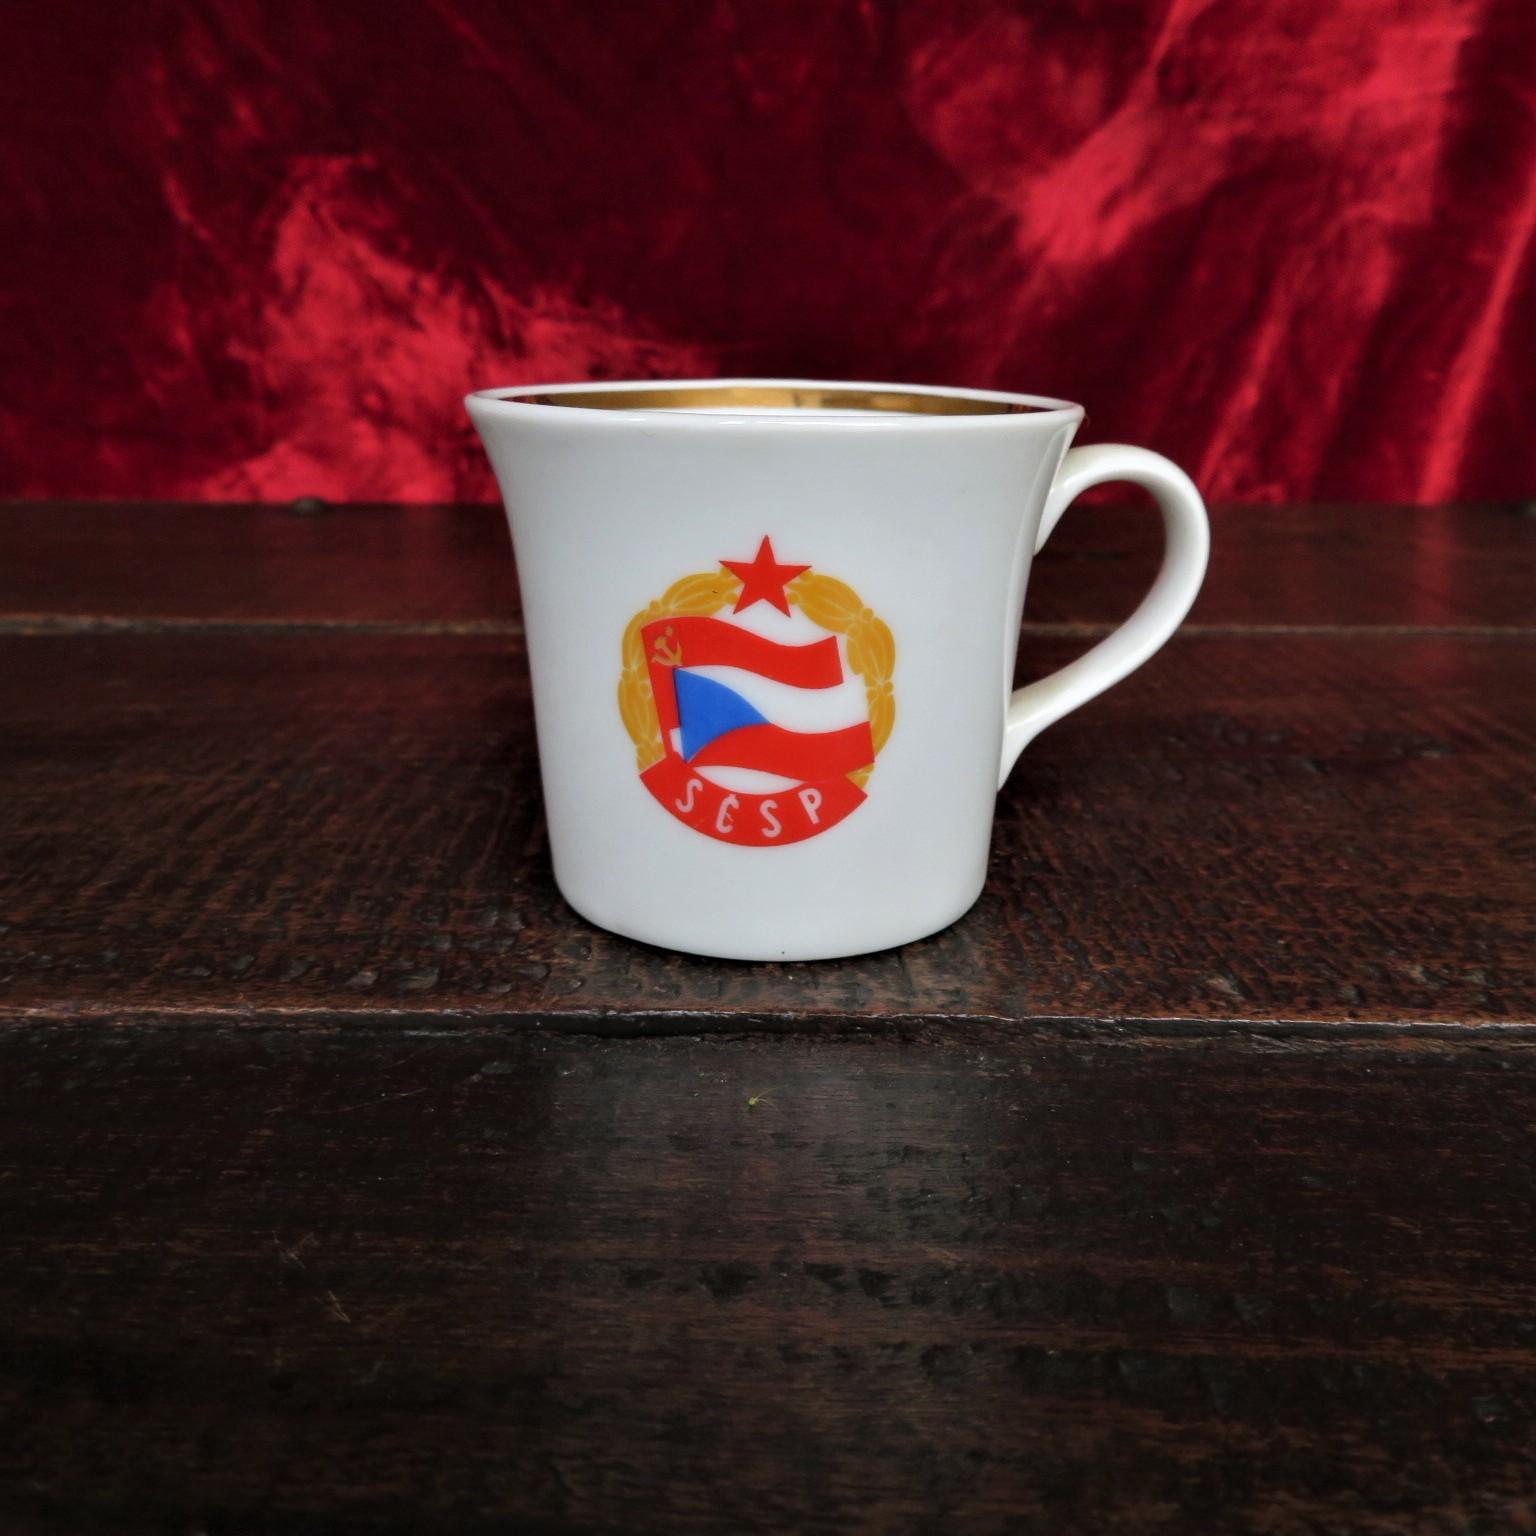 scsp-cup-czechoslovakia-1